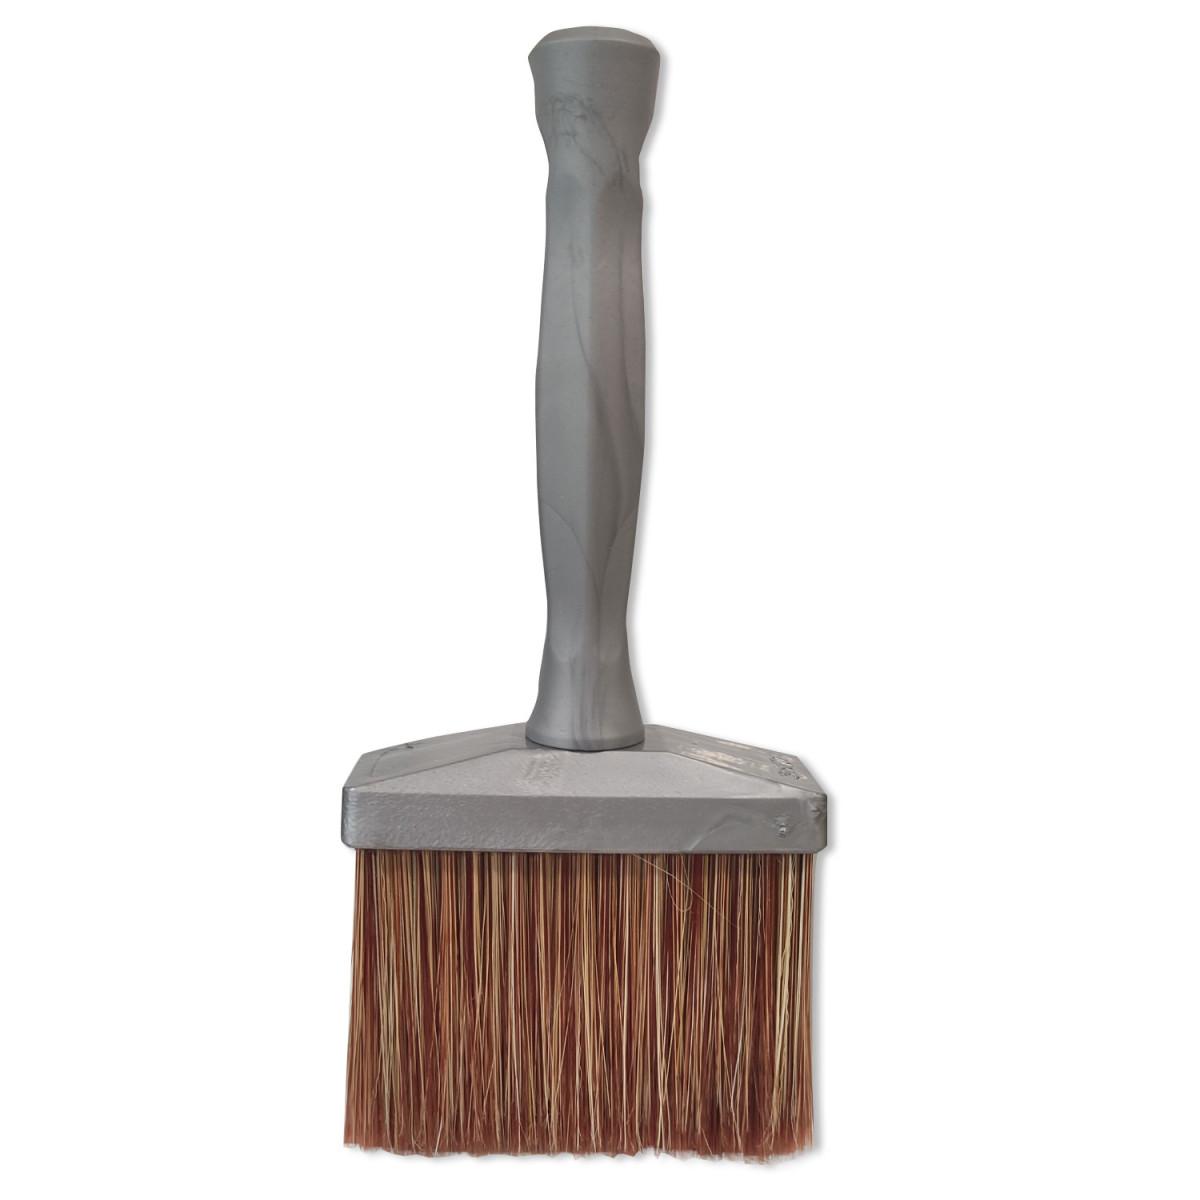 BROSSE A CHAULER - Brosse à chauler peinture argile décoration l'outil parfait